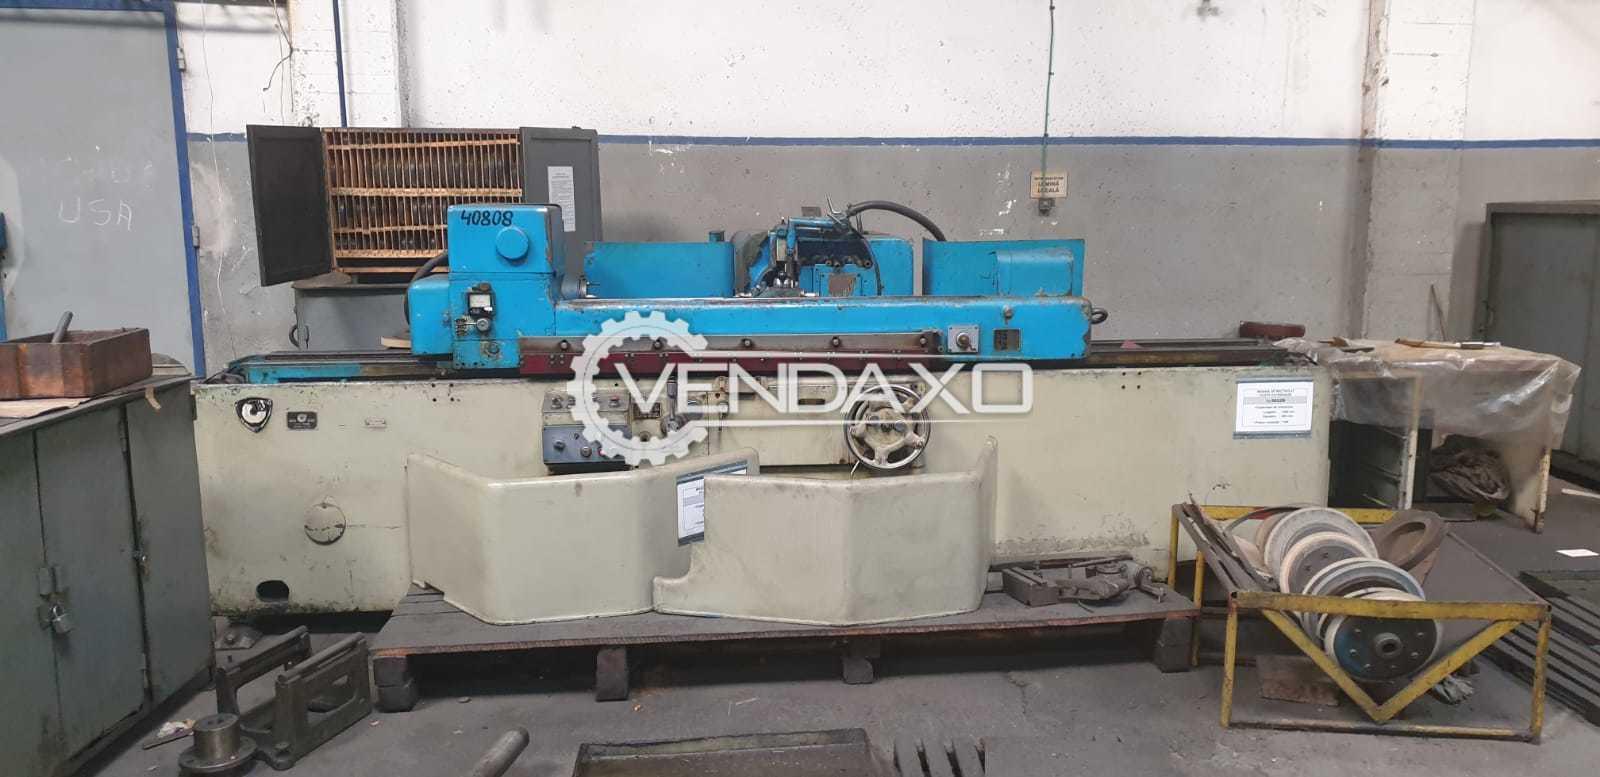 Stanko 5822B Thread Grinder Machine - Diameter - 200 mm